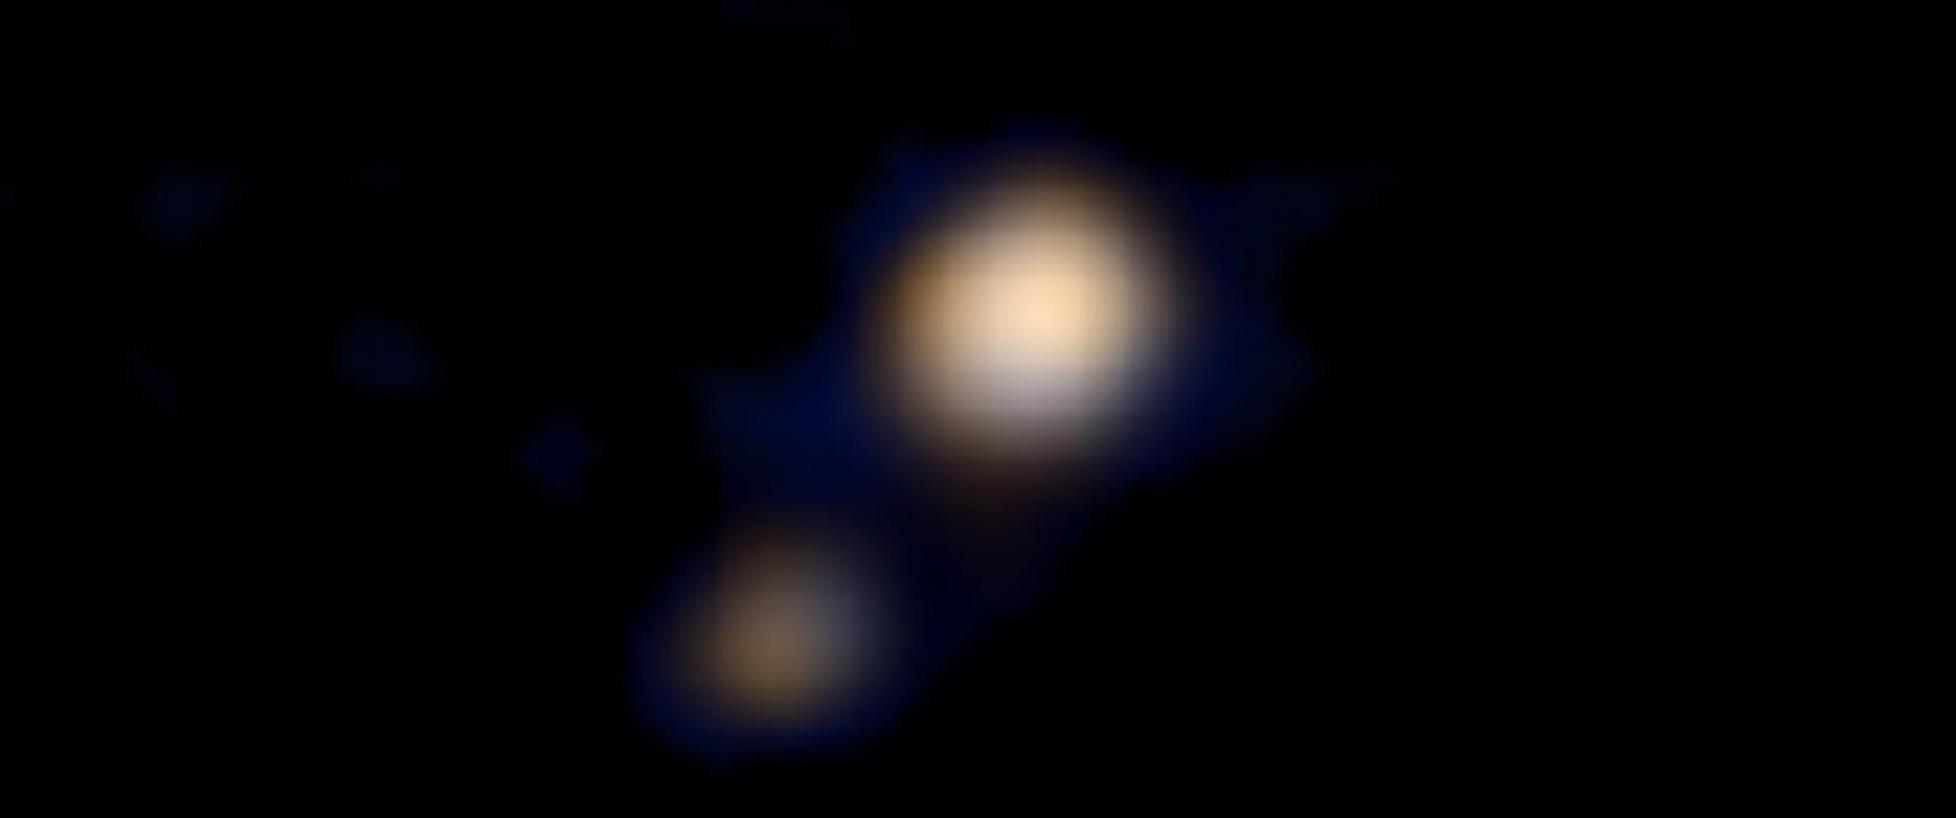 «Новые горизонты» сделали цветное фото Плутона и его луны (2 фото)